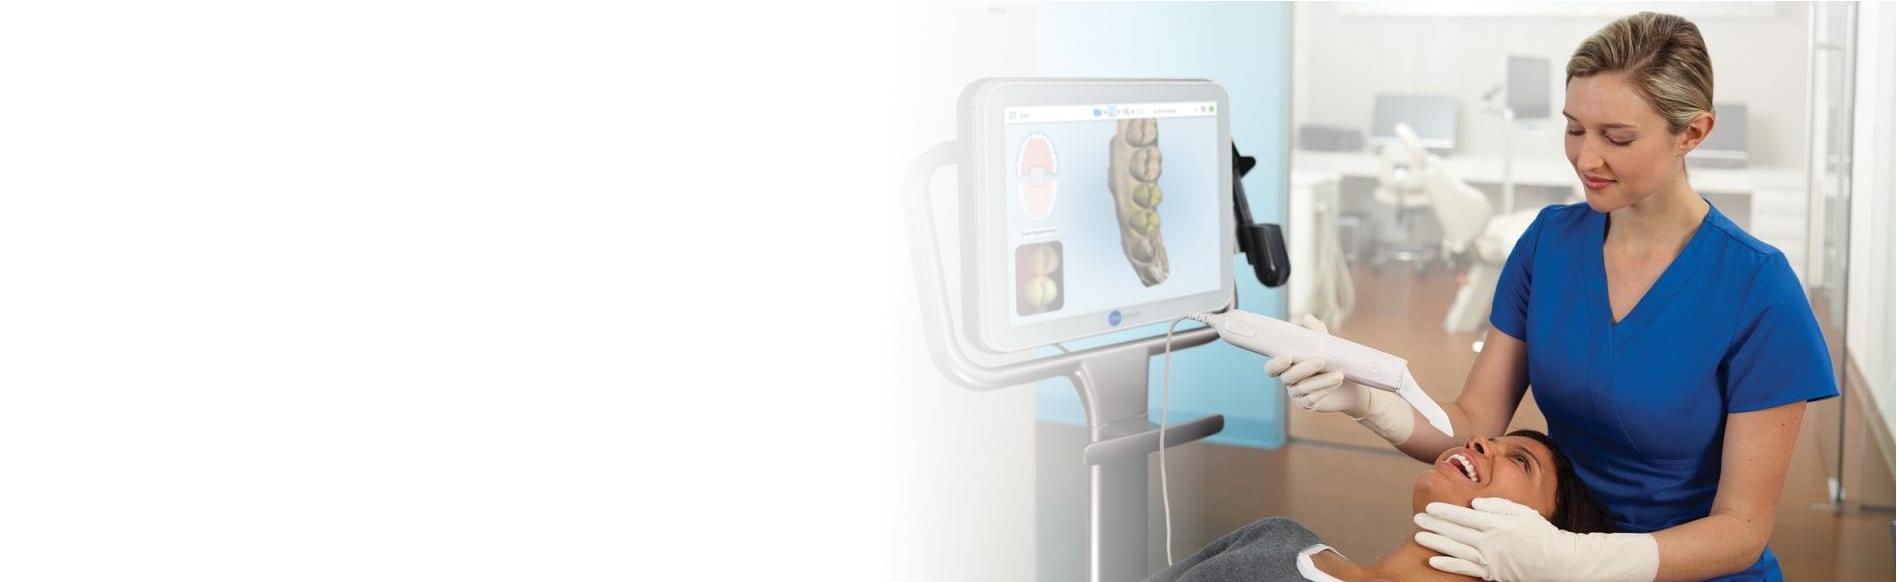 Invisalign - nowa technologia prostowania zębów / new technology for orthodontics